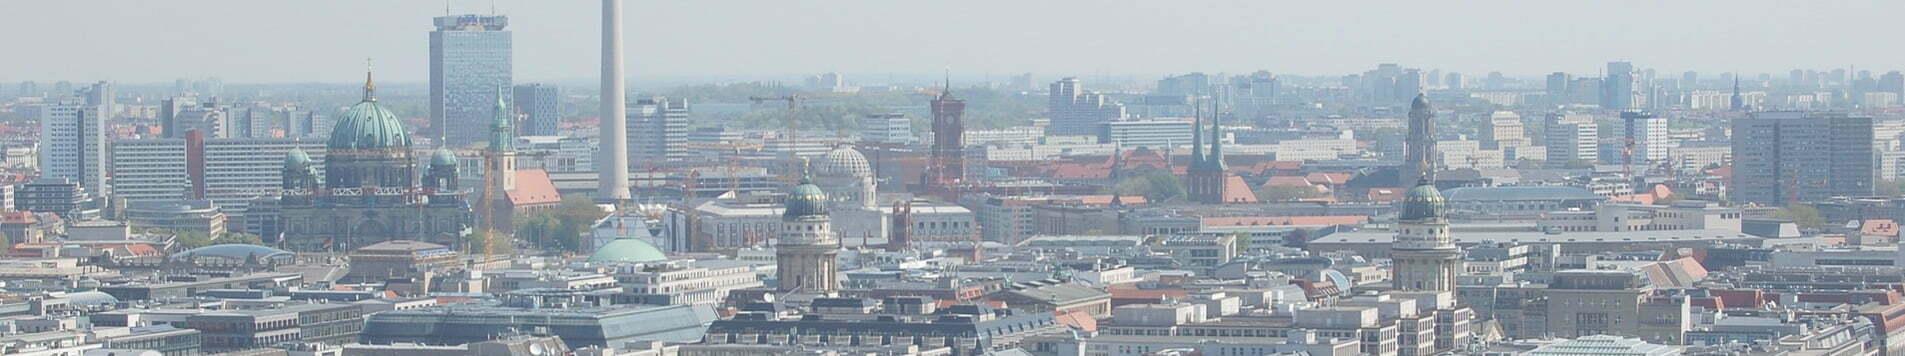 Skyline Berlin Alexanderplatz